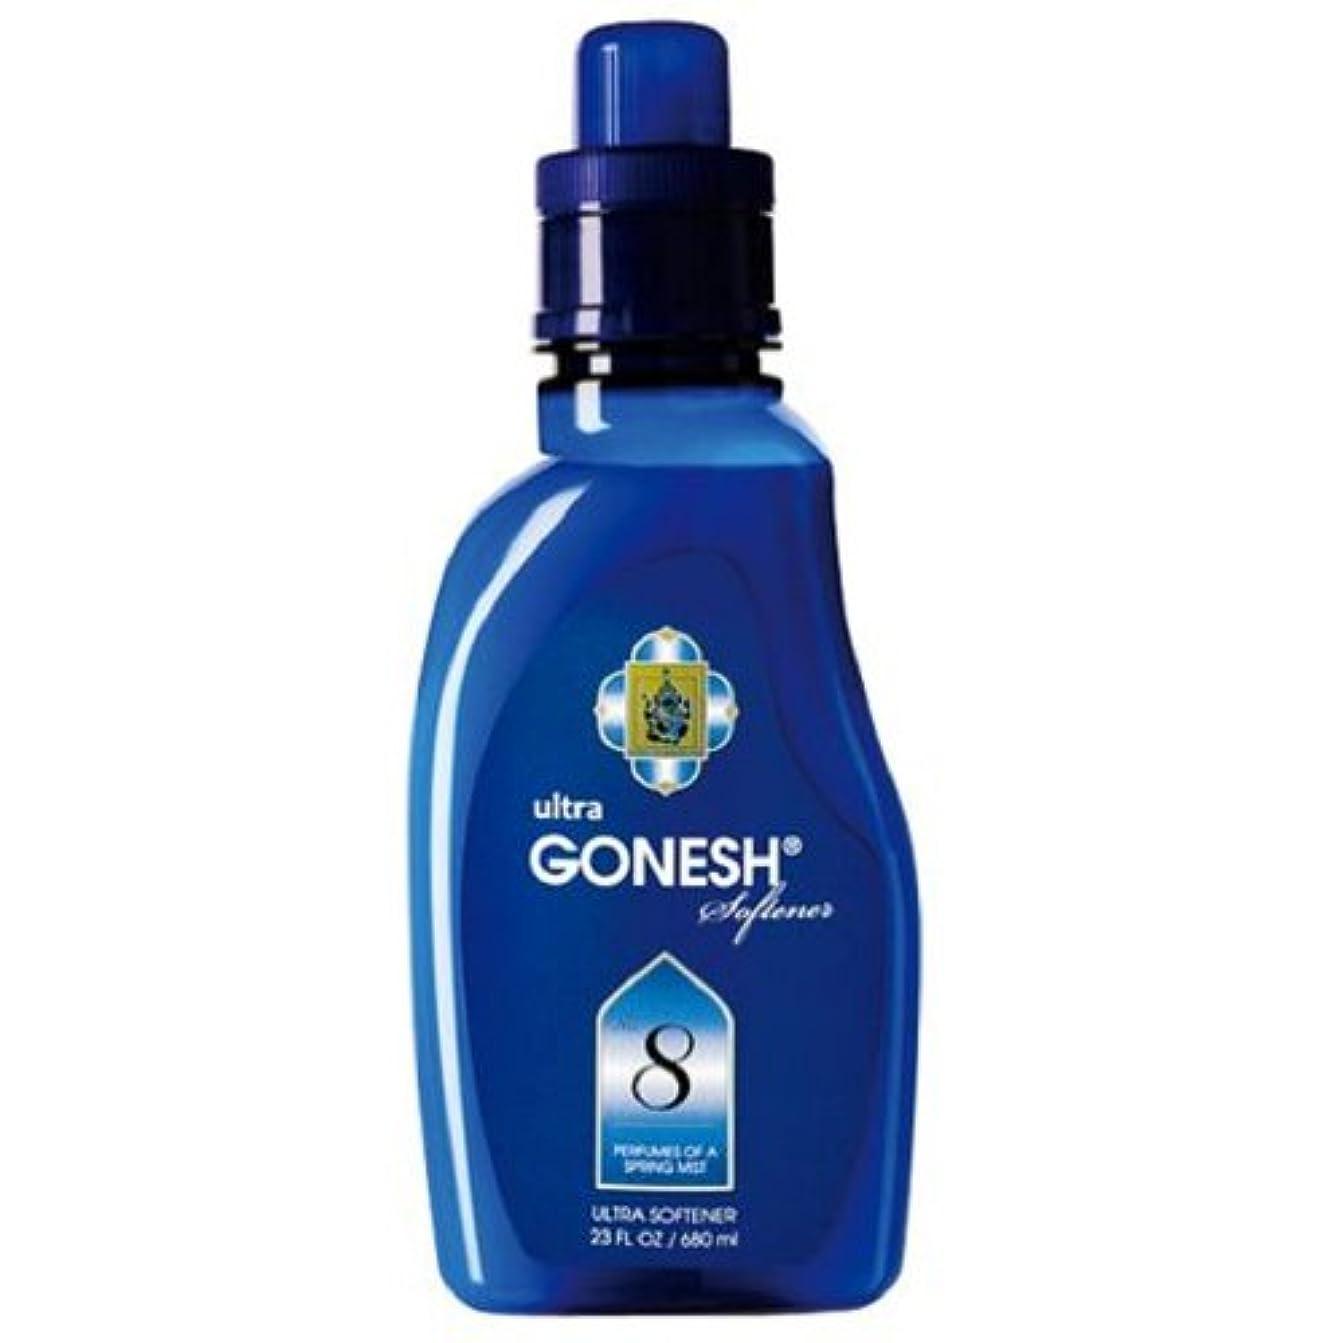 アスレチック単なる従うGONESH(ガーネッシュ)ウルトラソフナー NO.8 680ml 柔軟剤 (ほのかに甘いフルーツ系の香り)